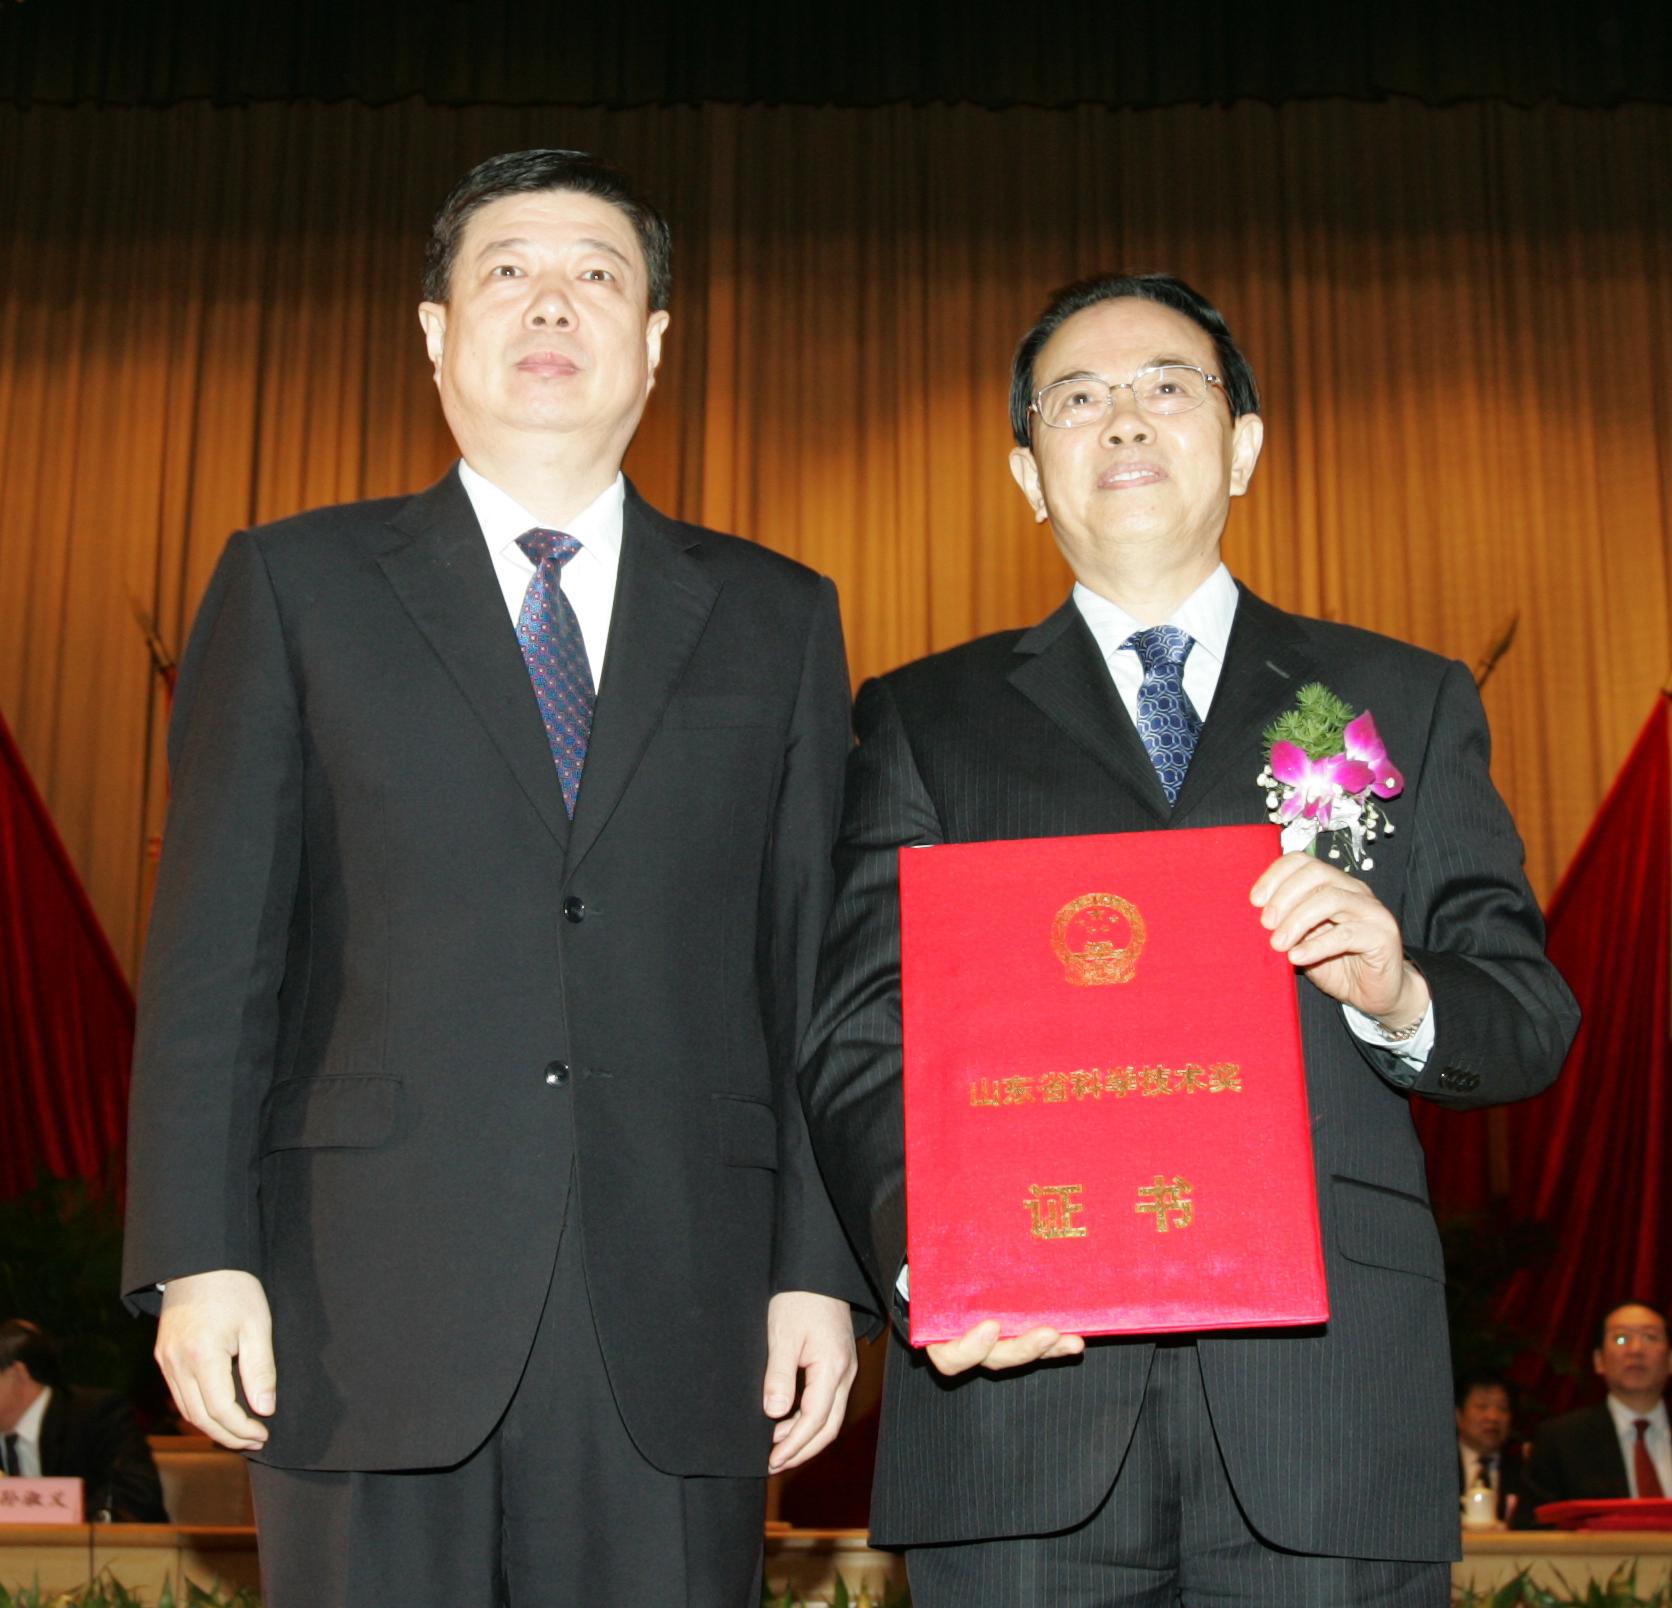 谢立信教授荣获2007年度山东省科学技术最高奖